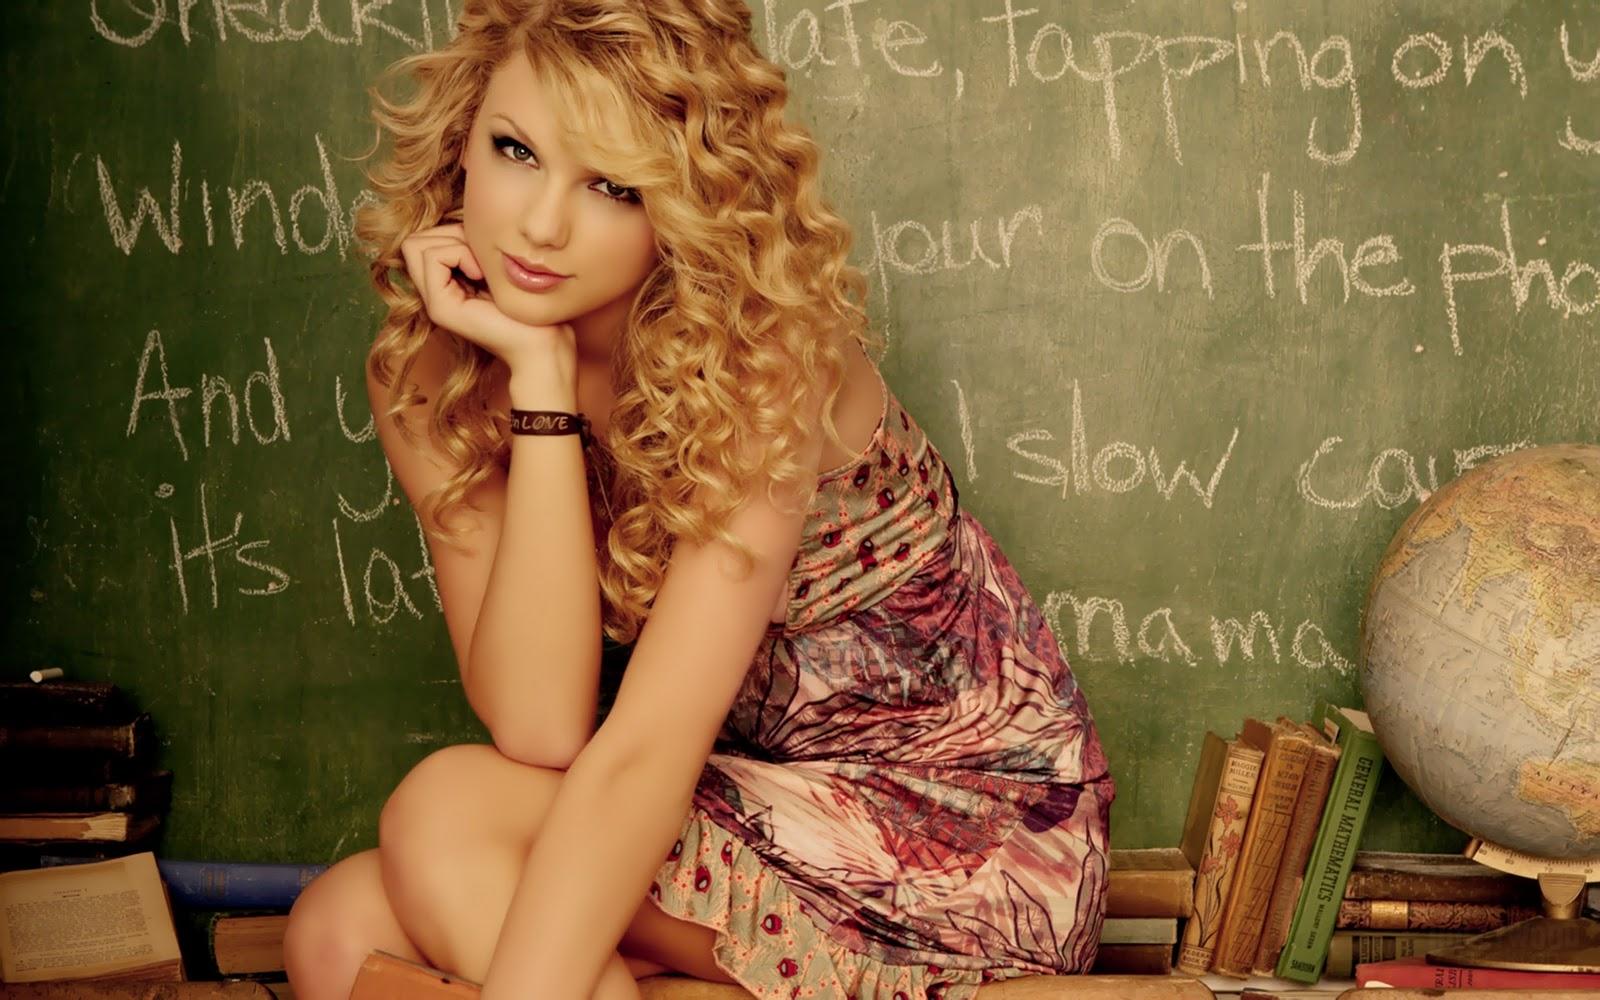 http://4.bp.blogspot.com/-y2UNKzNOlew/TxQhv5v1OII/AAAAAAAABCQ/Gq5zWtj9zjs/s1600/Taylor-Swift-Wallpapers-2012-3.jpg